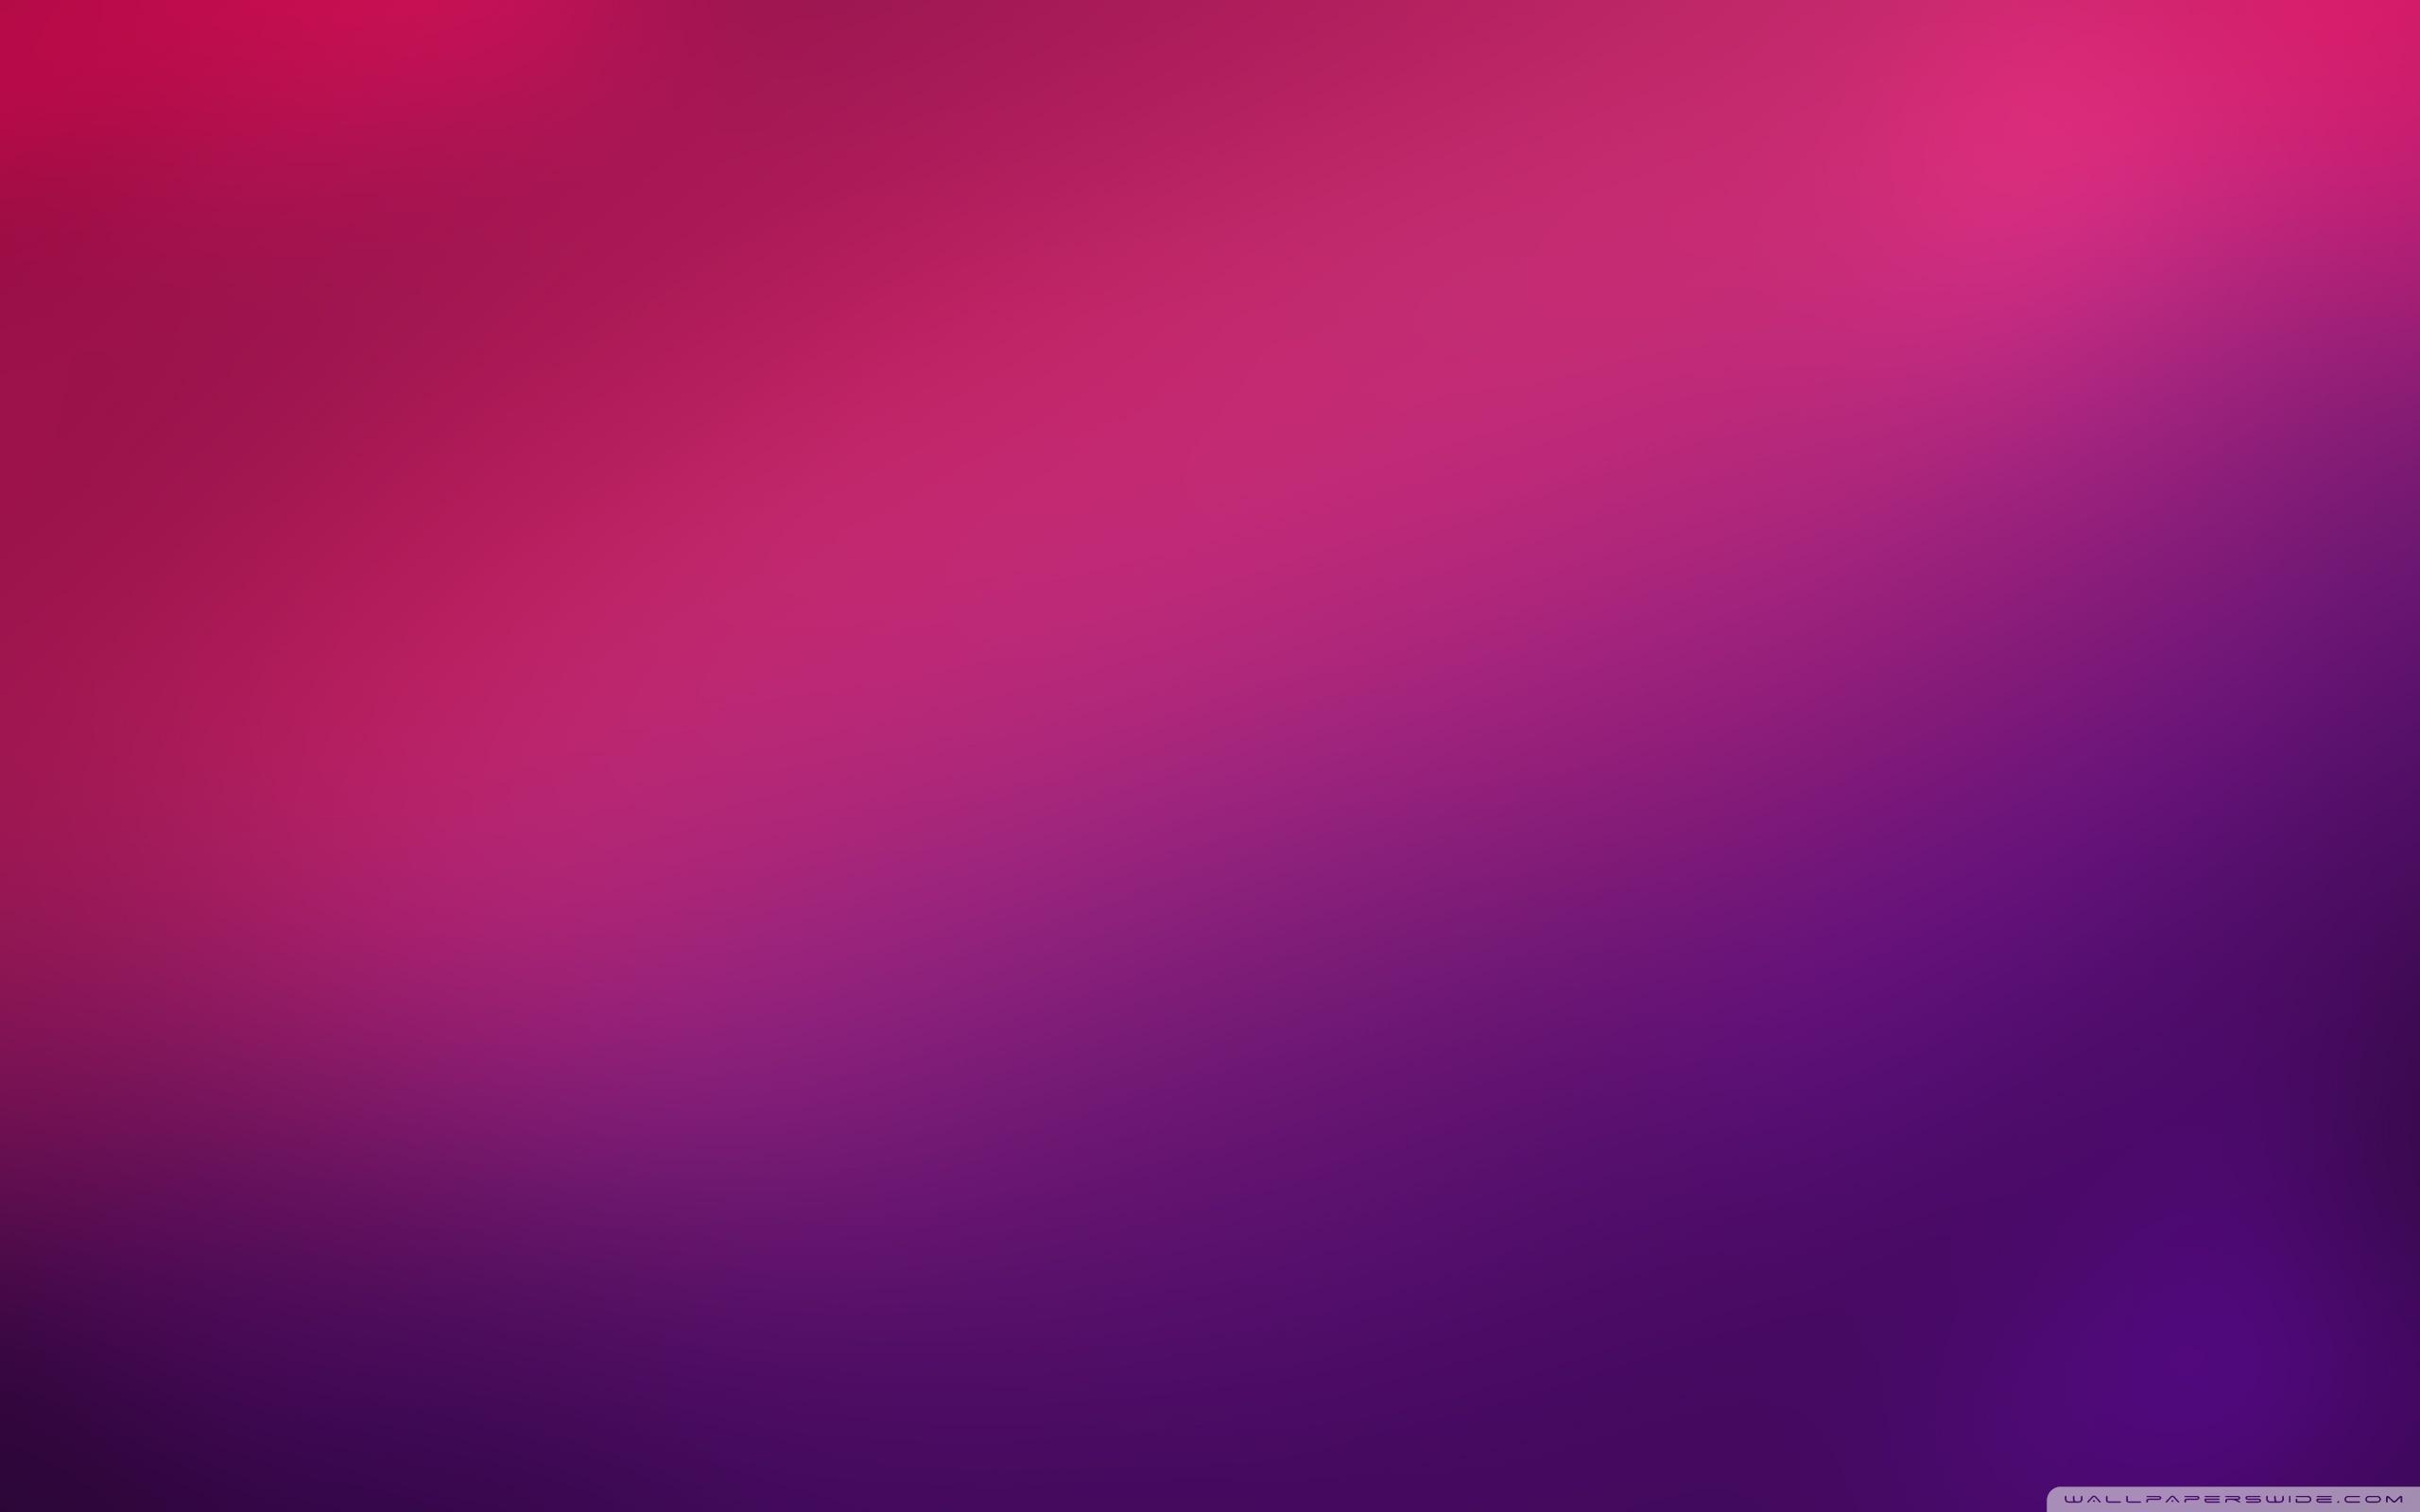 Download Minimalist Purple UltraHD Wallpaper   Wallpapers Printed 2560x1600